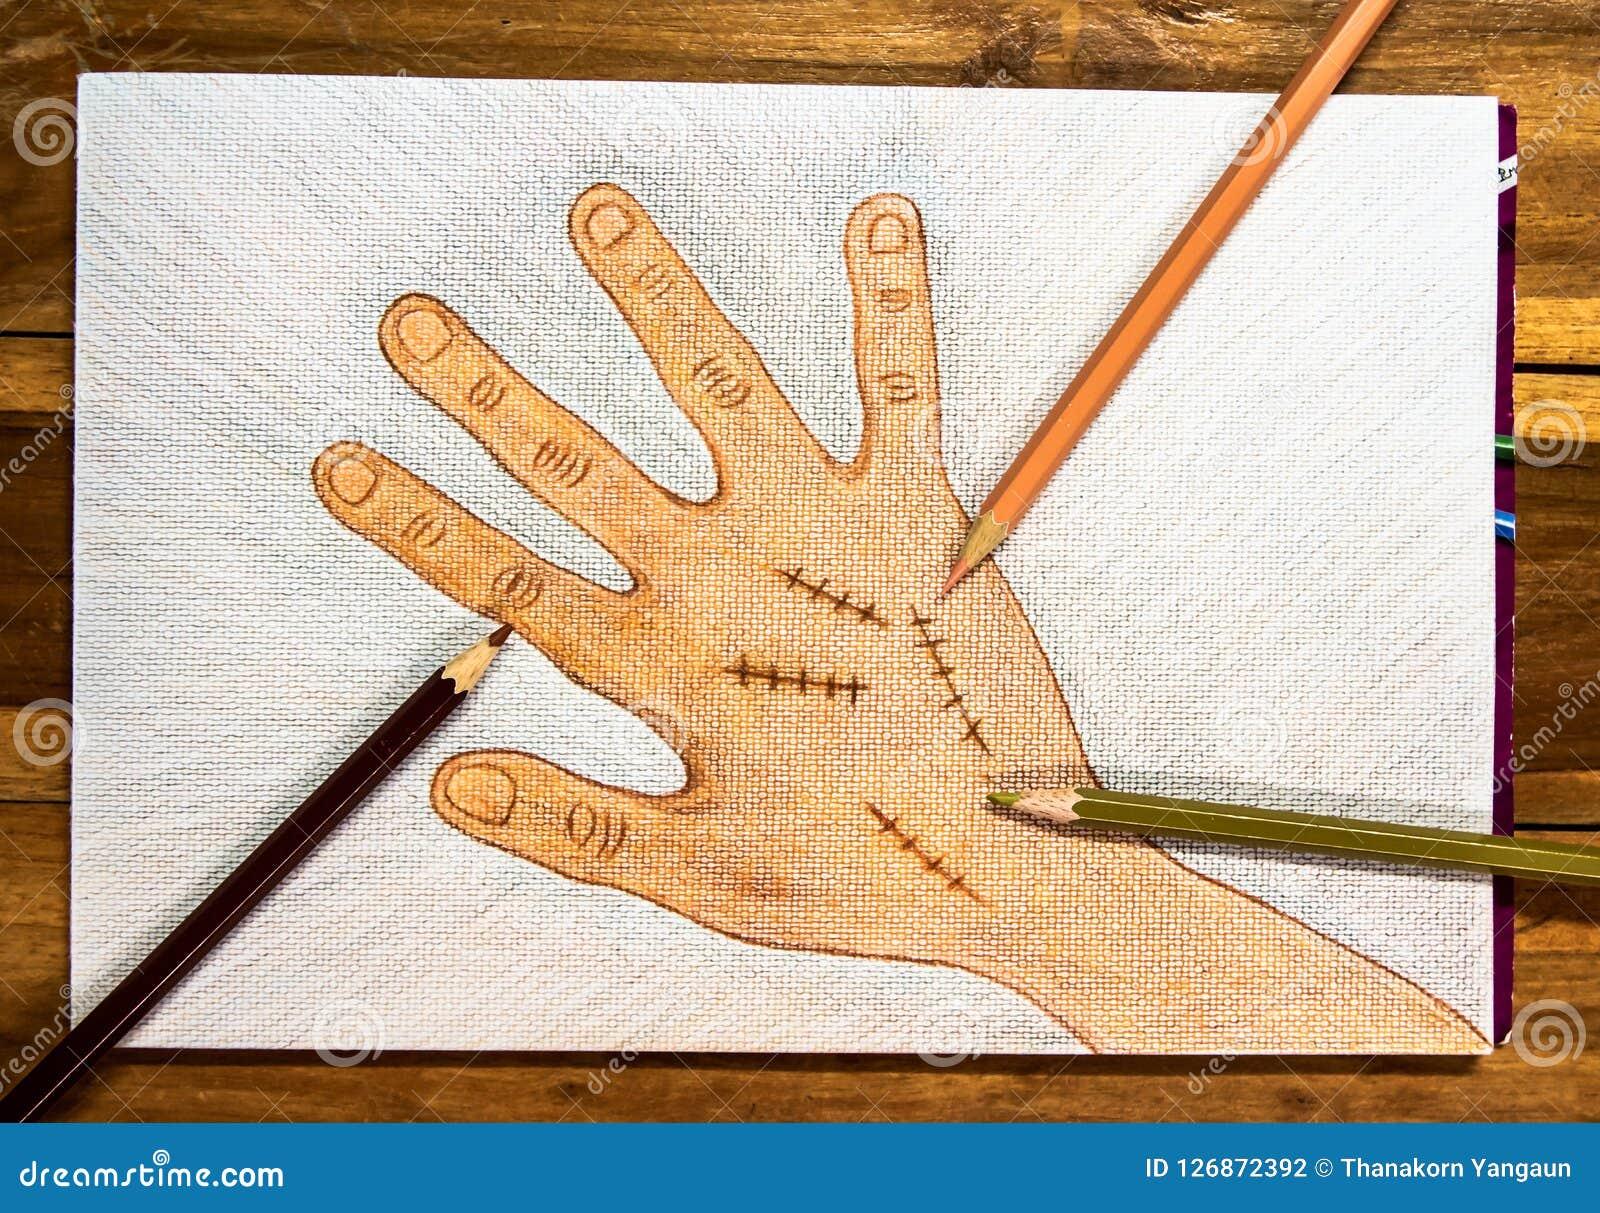 Χέρι που επισύρεται την προσοχή δεξί με τη χειρουργική συρραφή πληγών από τα ξύλινα μολύβια χρώματος στο υπόβαθρο της Λευκής Βίβλ